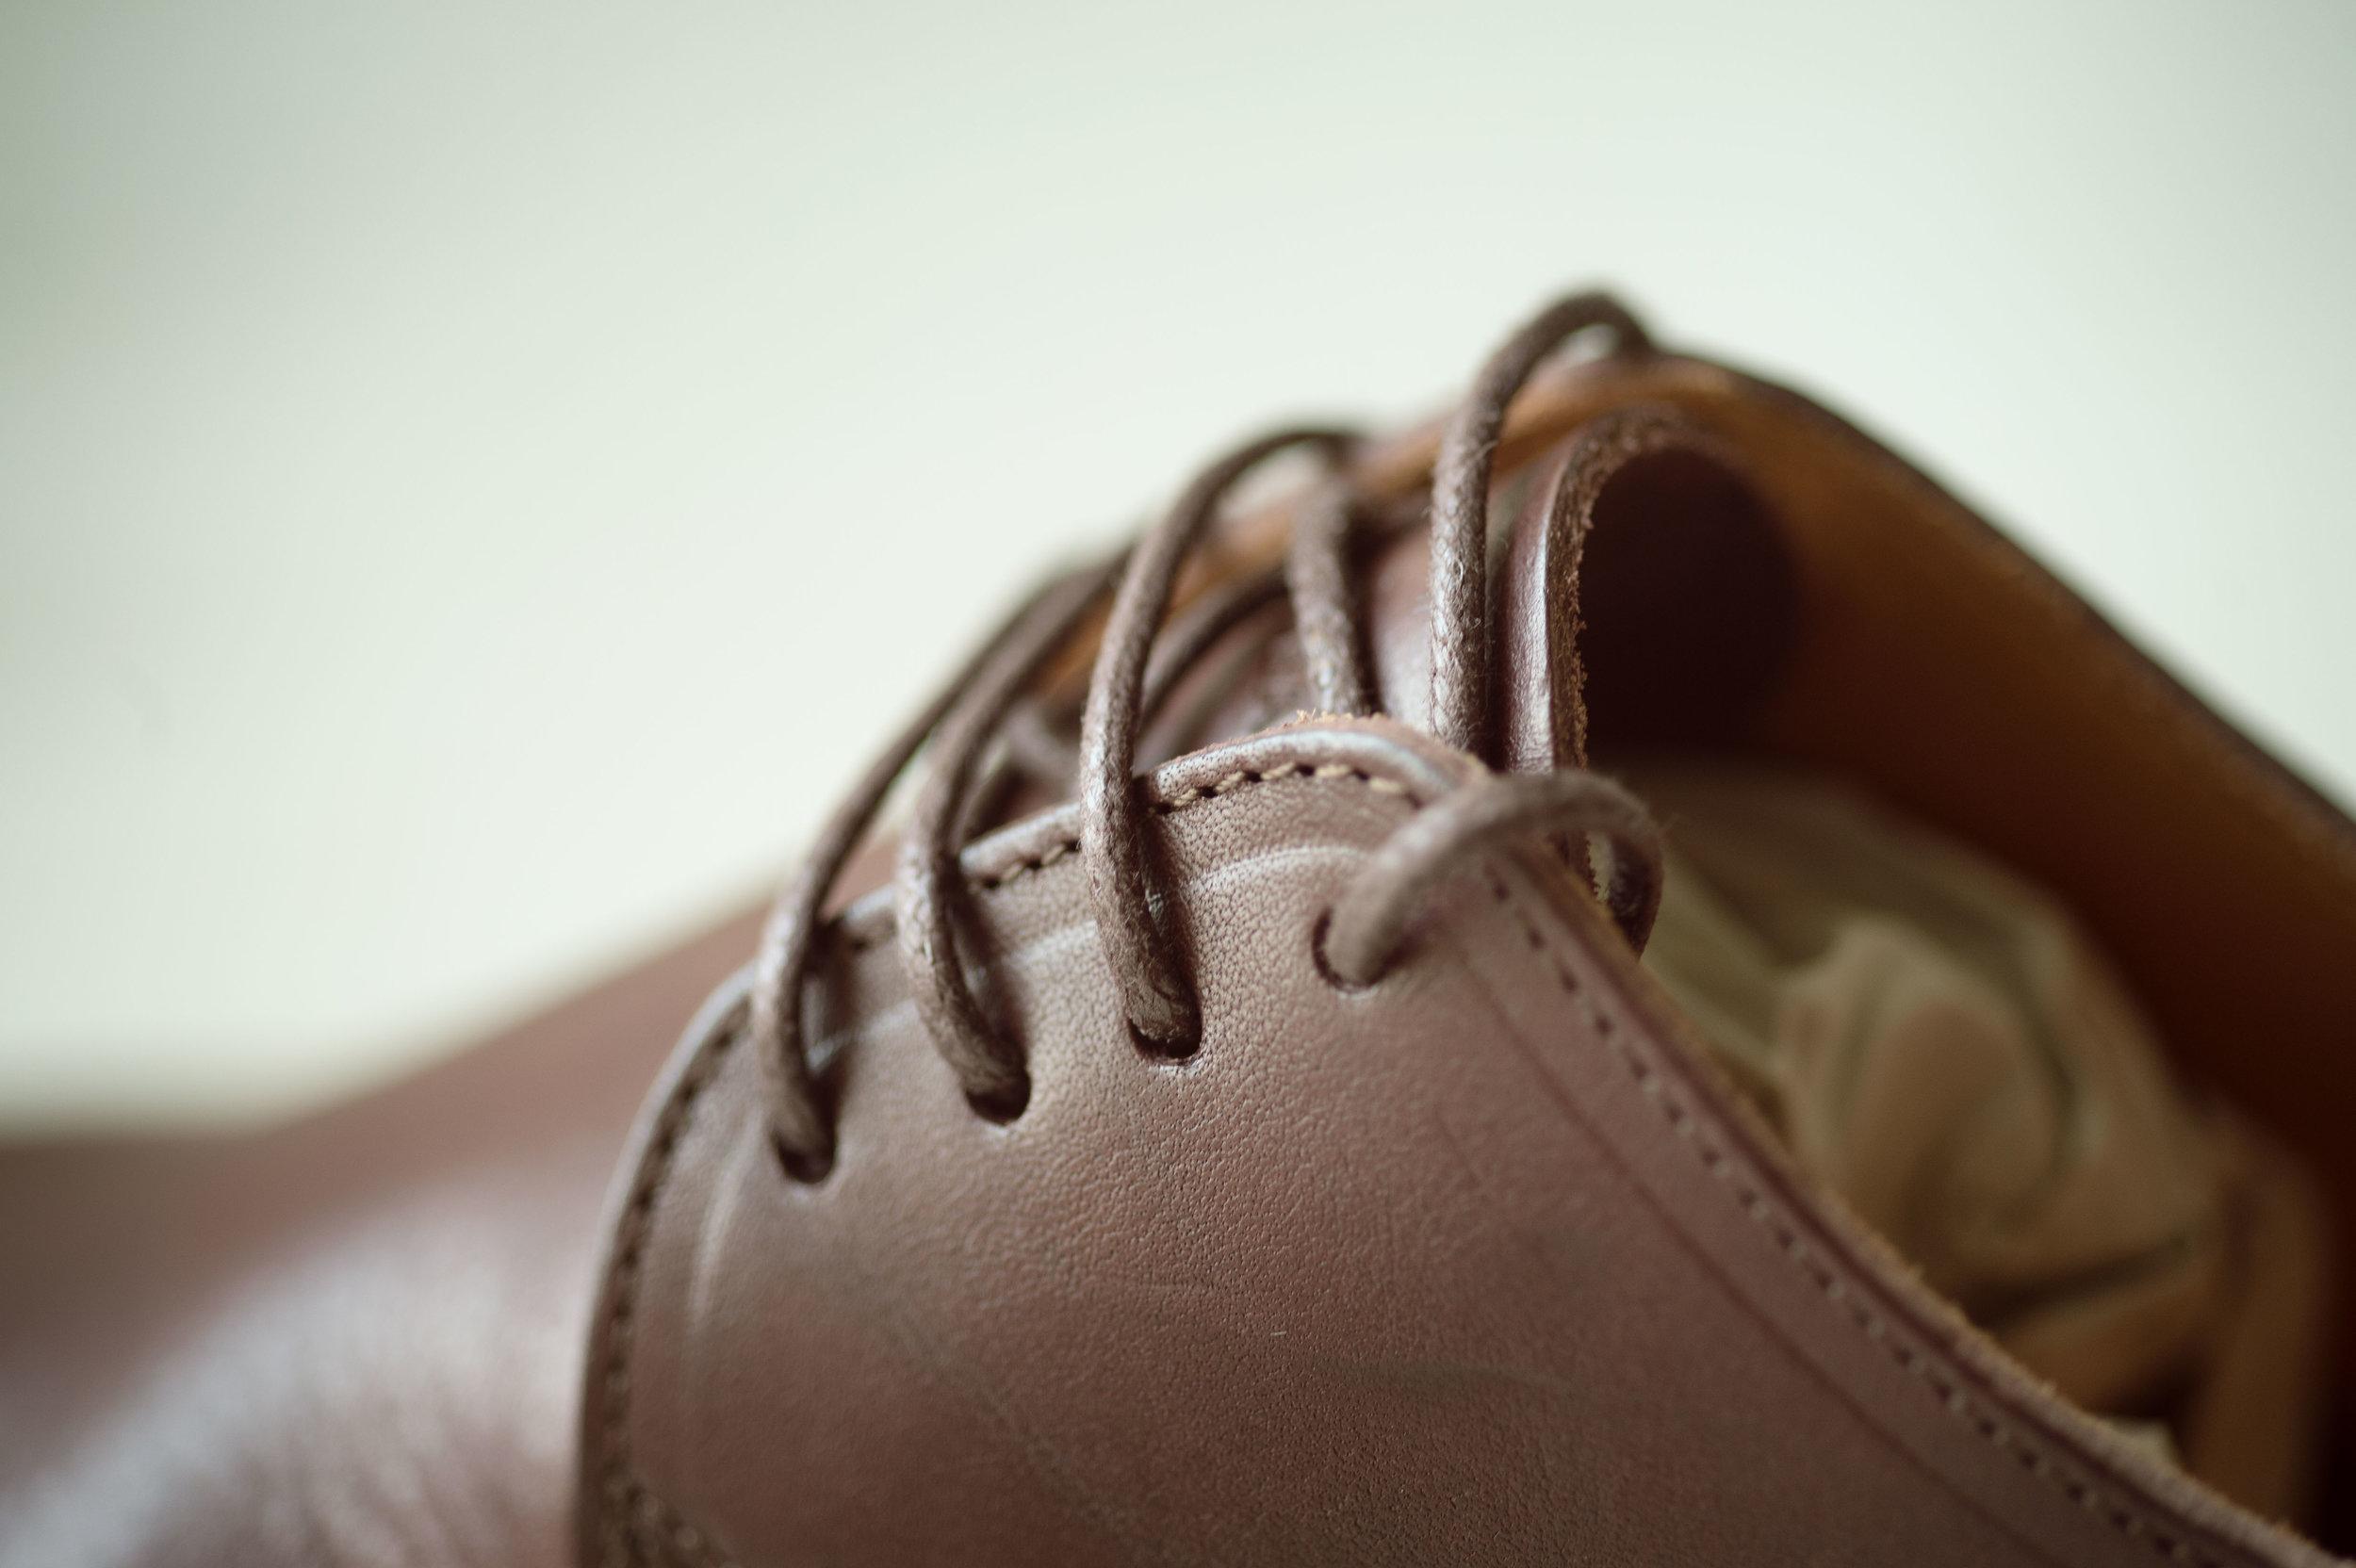 Barefoot_runner_office_shoes_thetrinerd_aniko_towers_photo-15.jpg